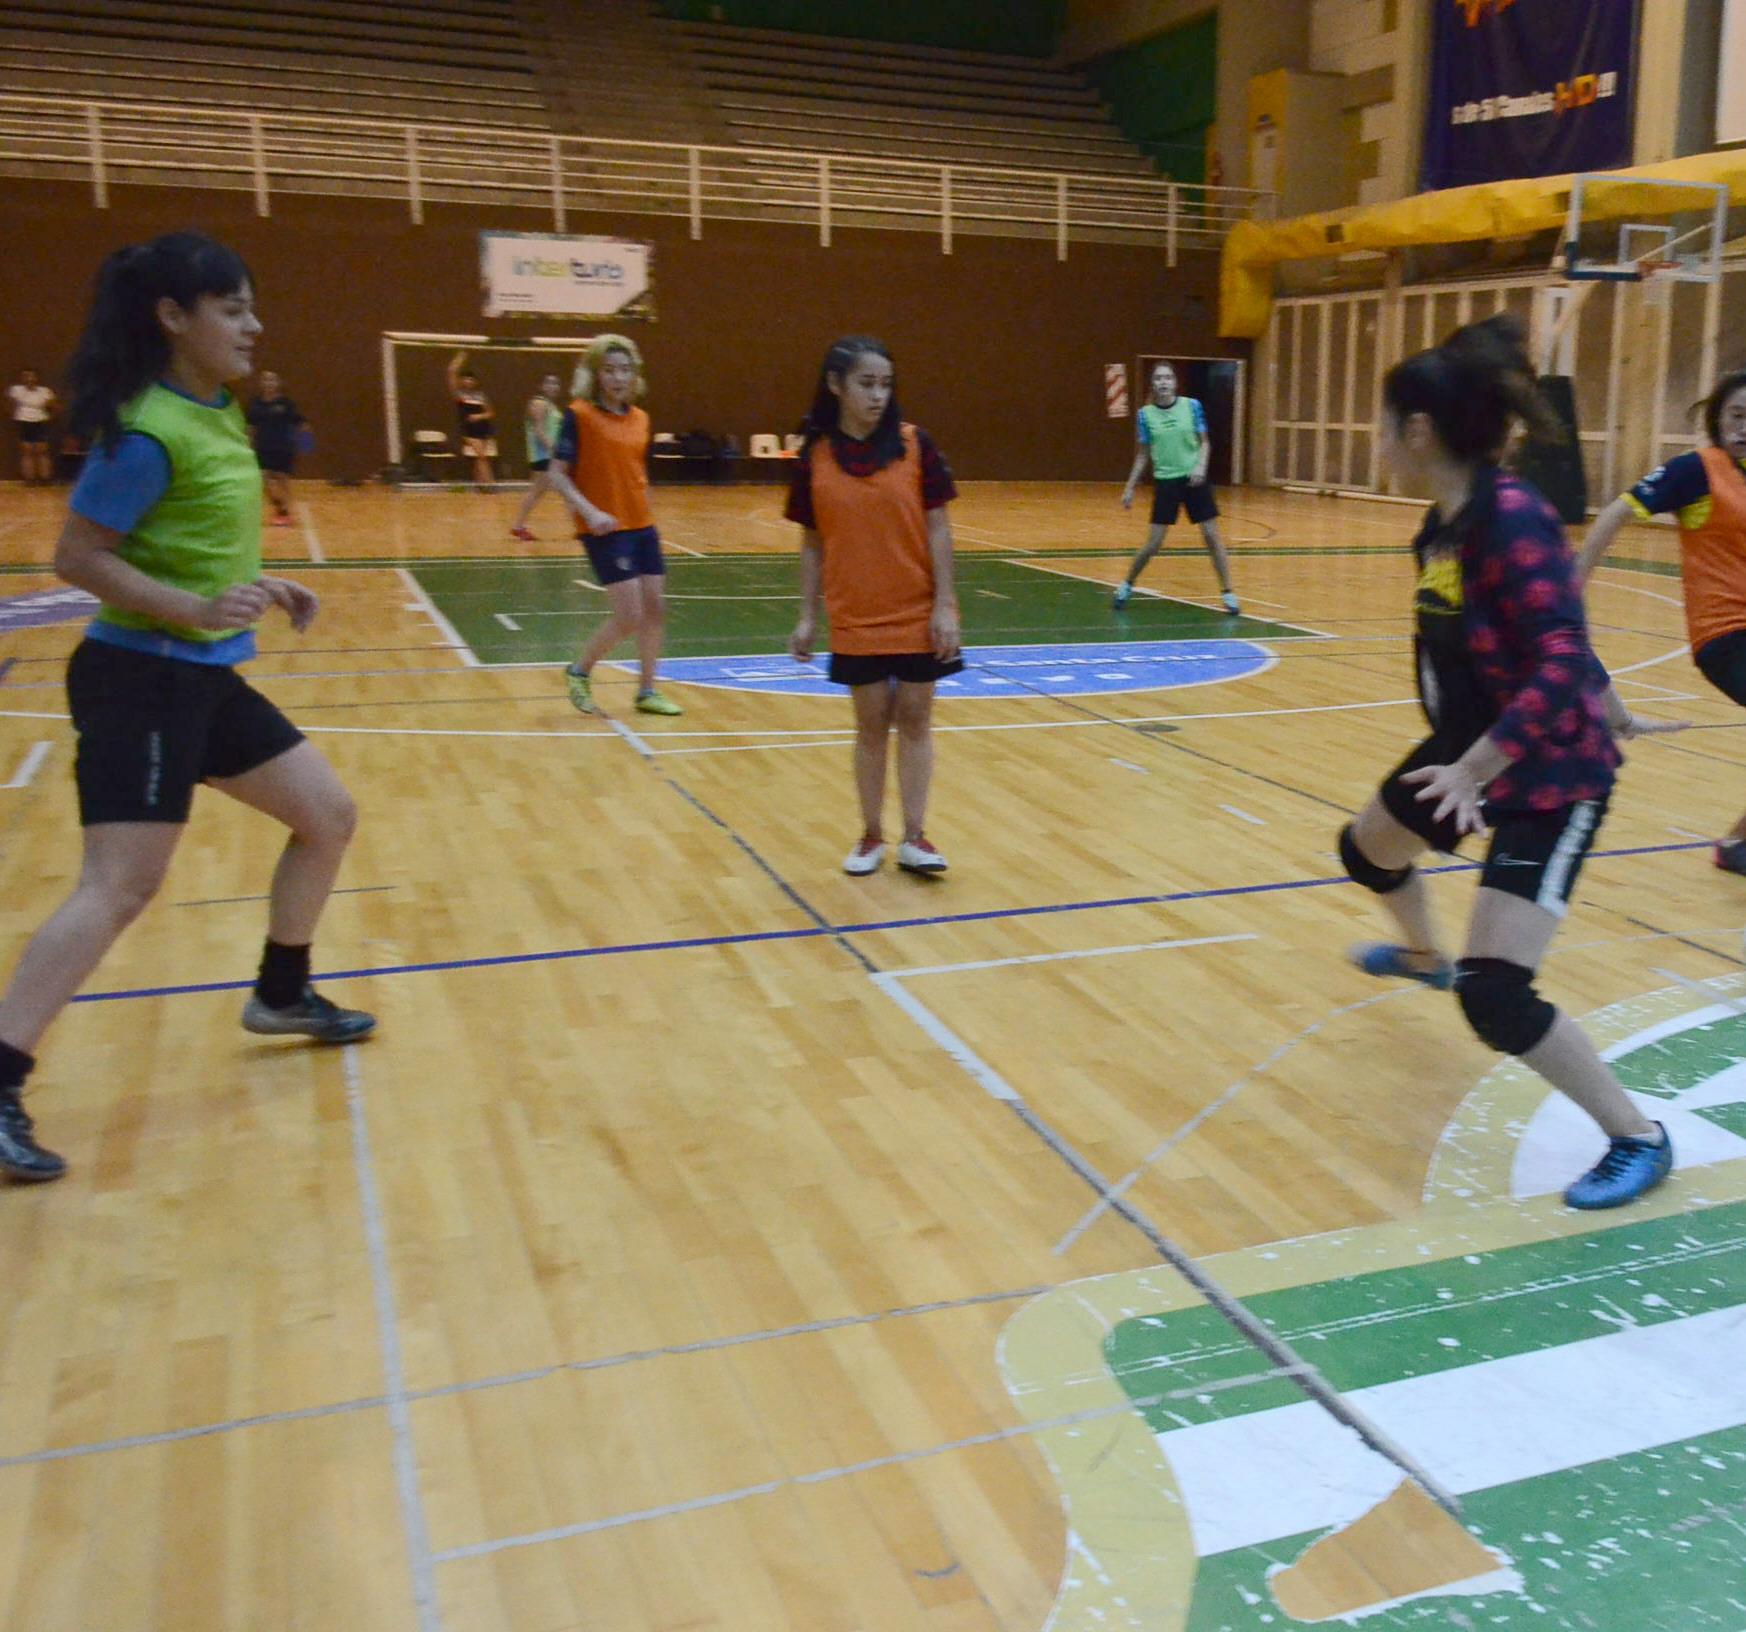 Entrenamiento del Fútbol femenino. FOTO: JOSÉ SILVA / LA OPINIÓN AUSTRAL